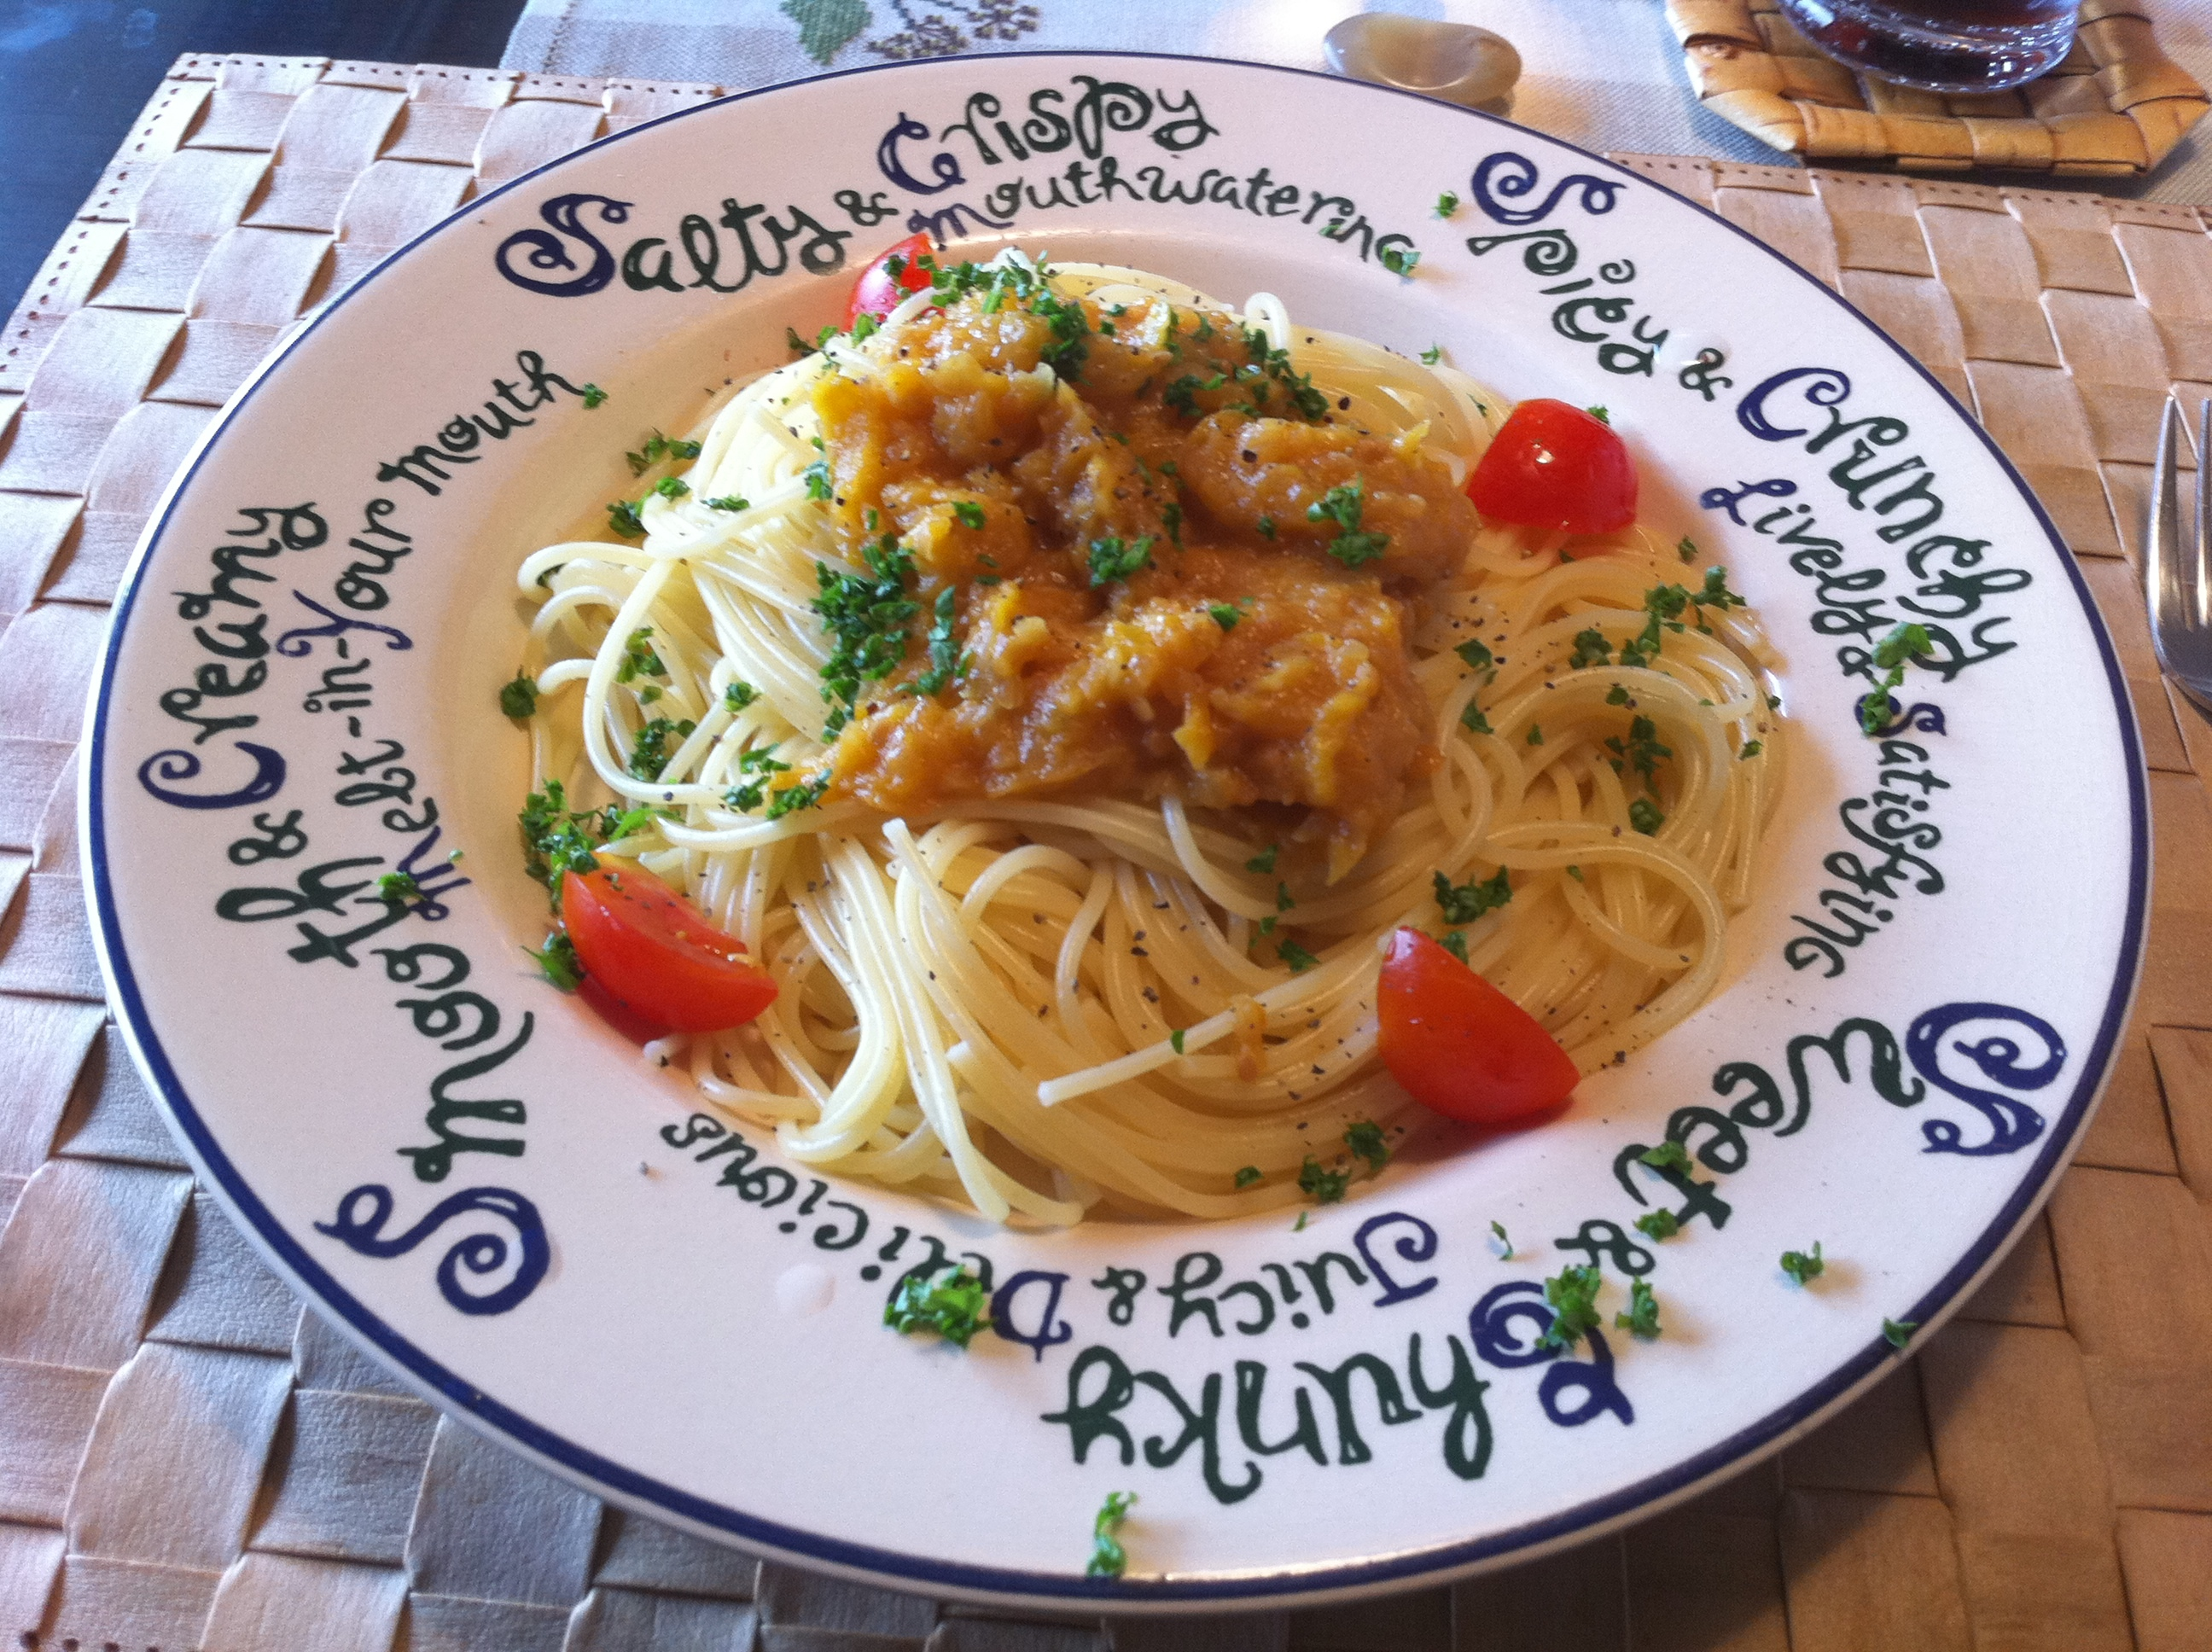 ゴールデンマルツァーノでトマトパスタソース!